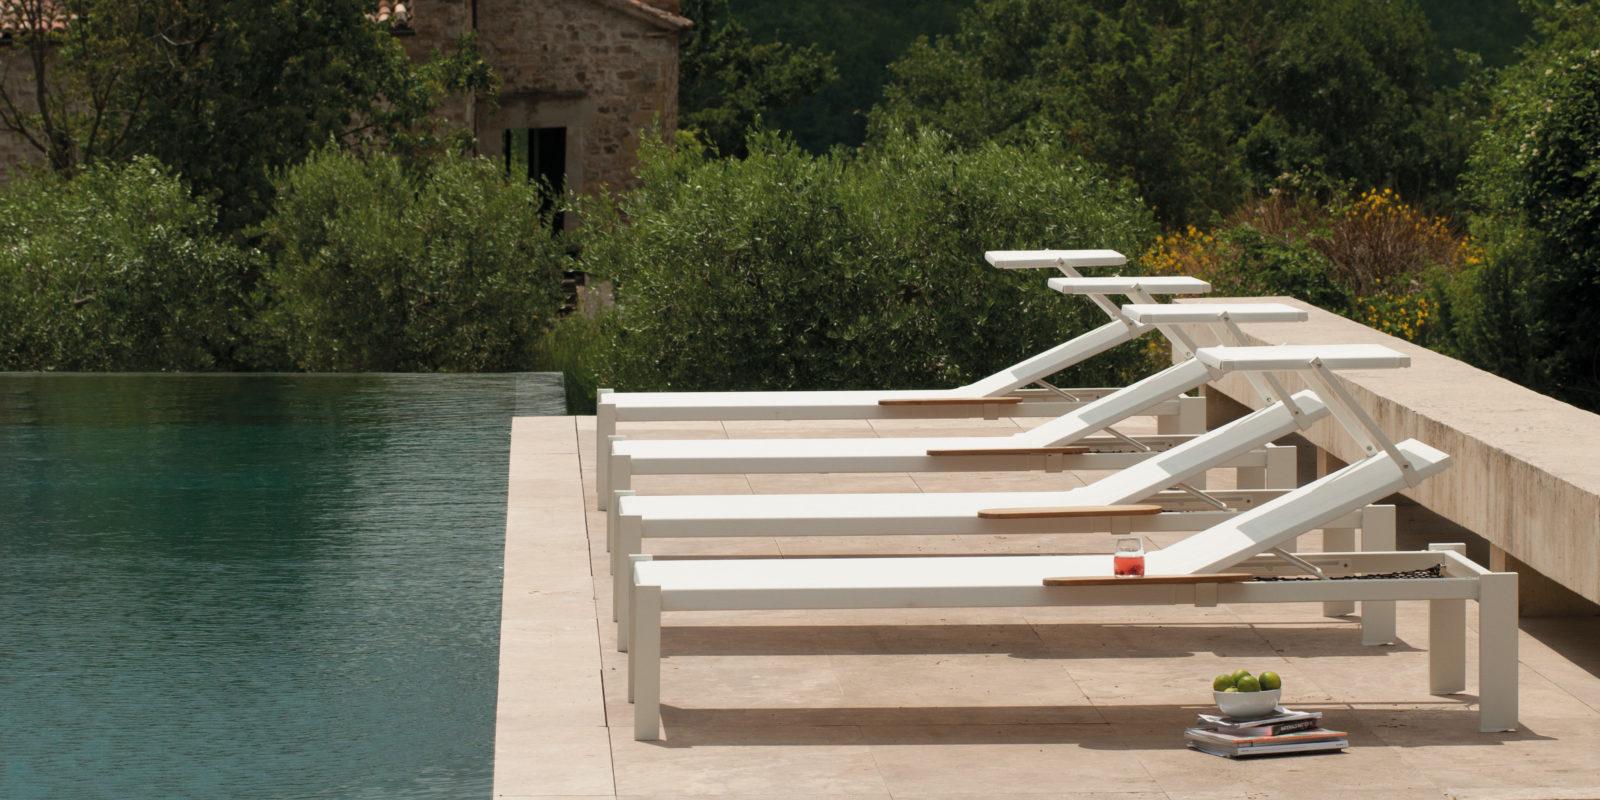 Bain de soleil design shine buxus mobilier outdoor for Chaises longues de piscine